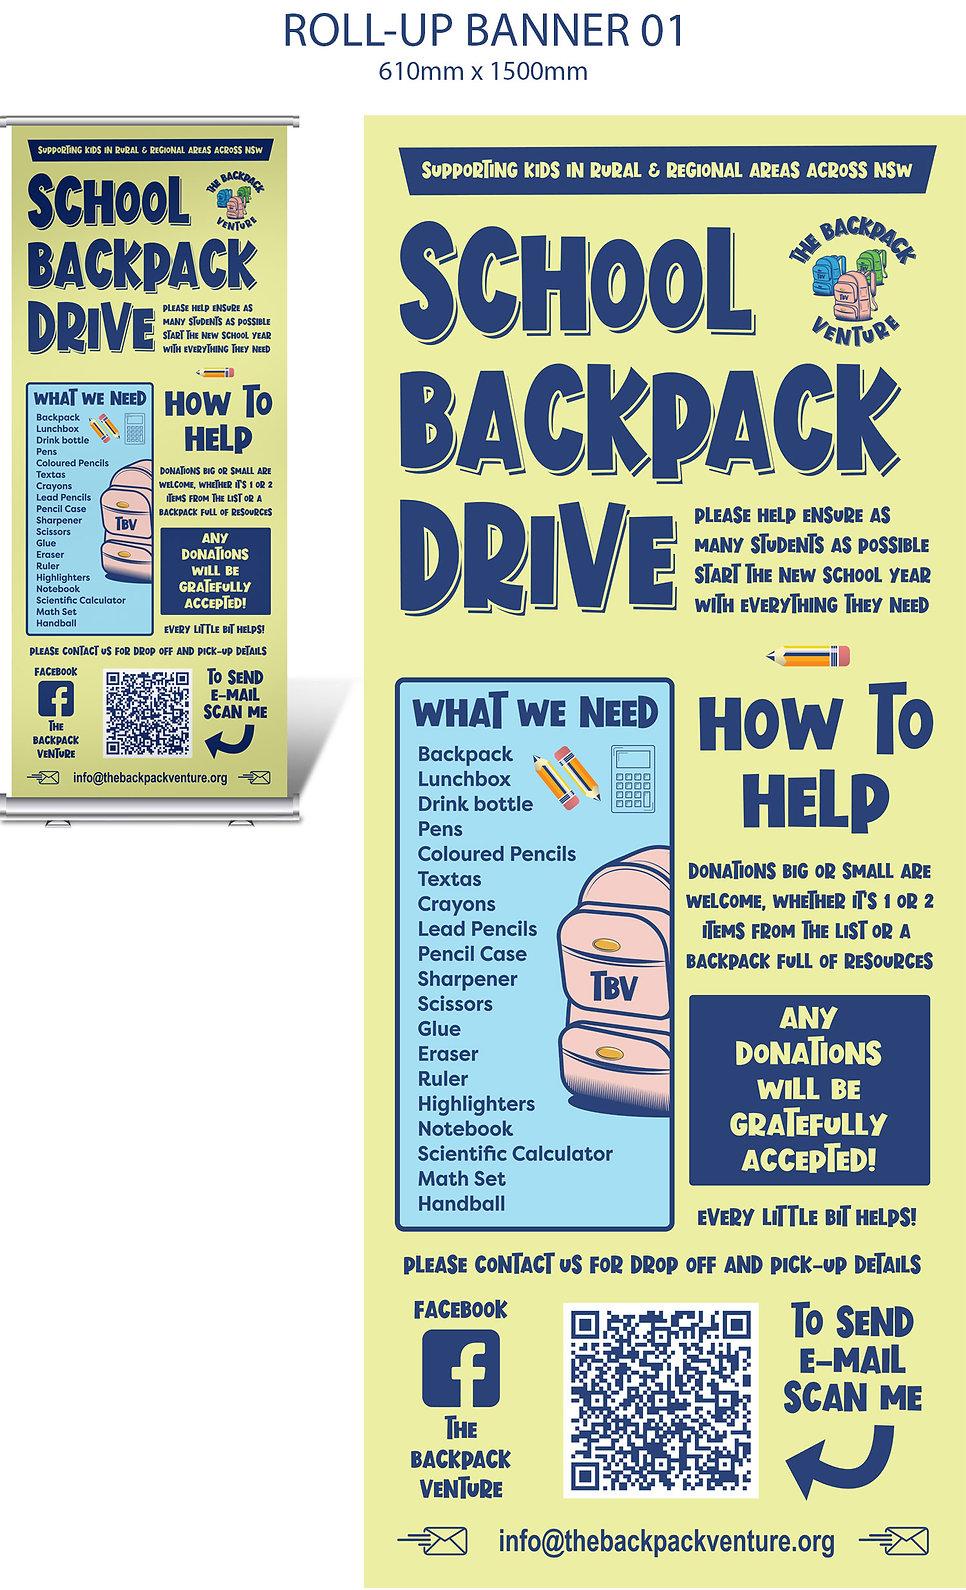 Banner-Backpack-Roll-Up-01.jpg